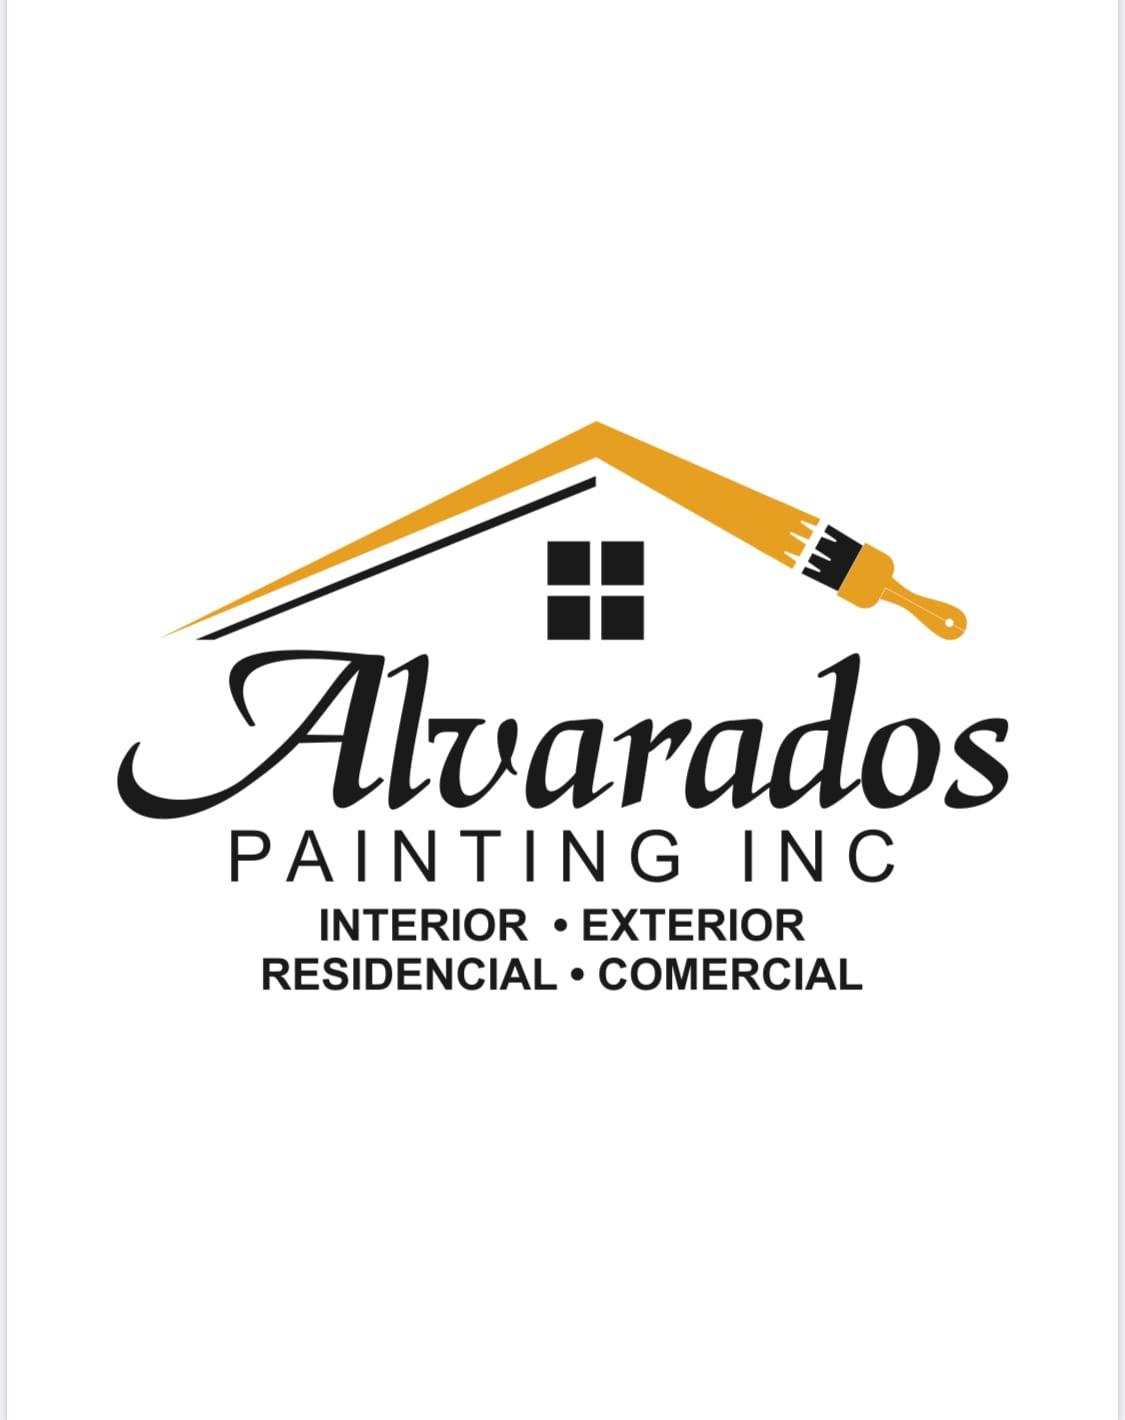 Alvarados Painting Inc